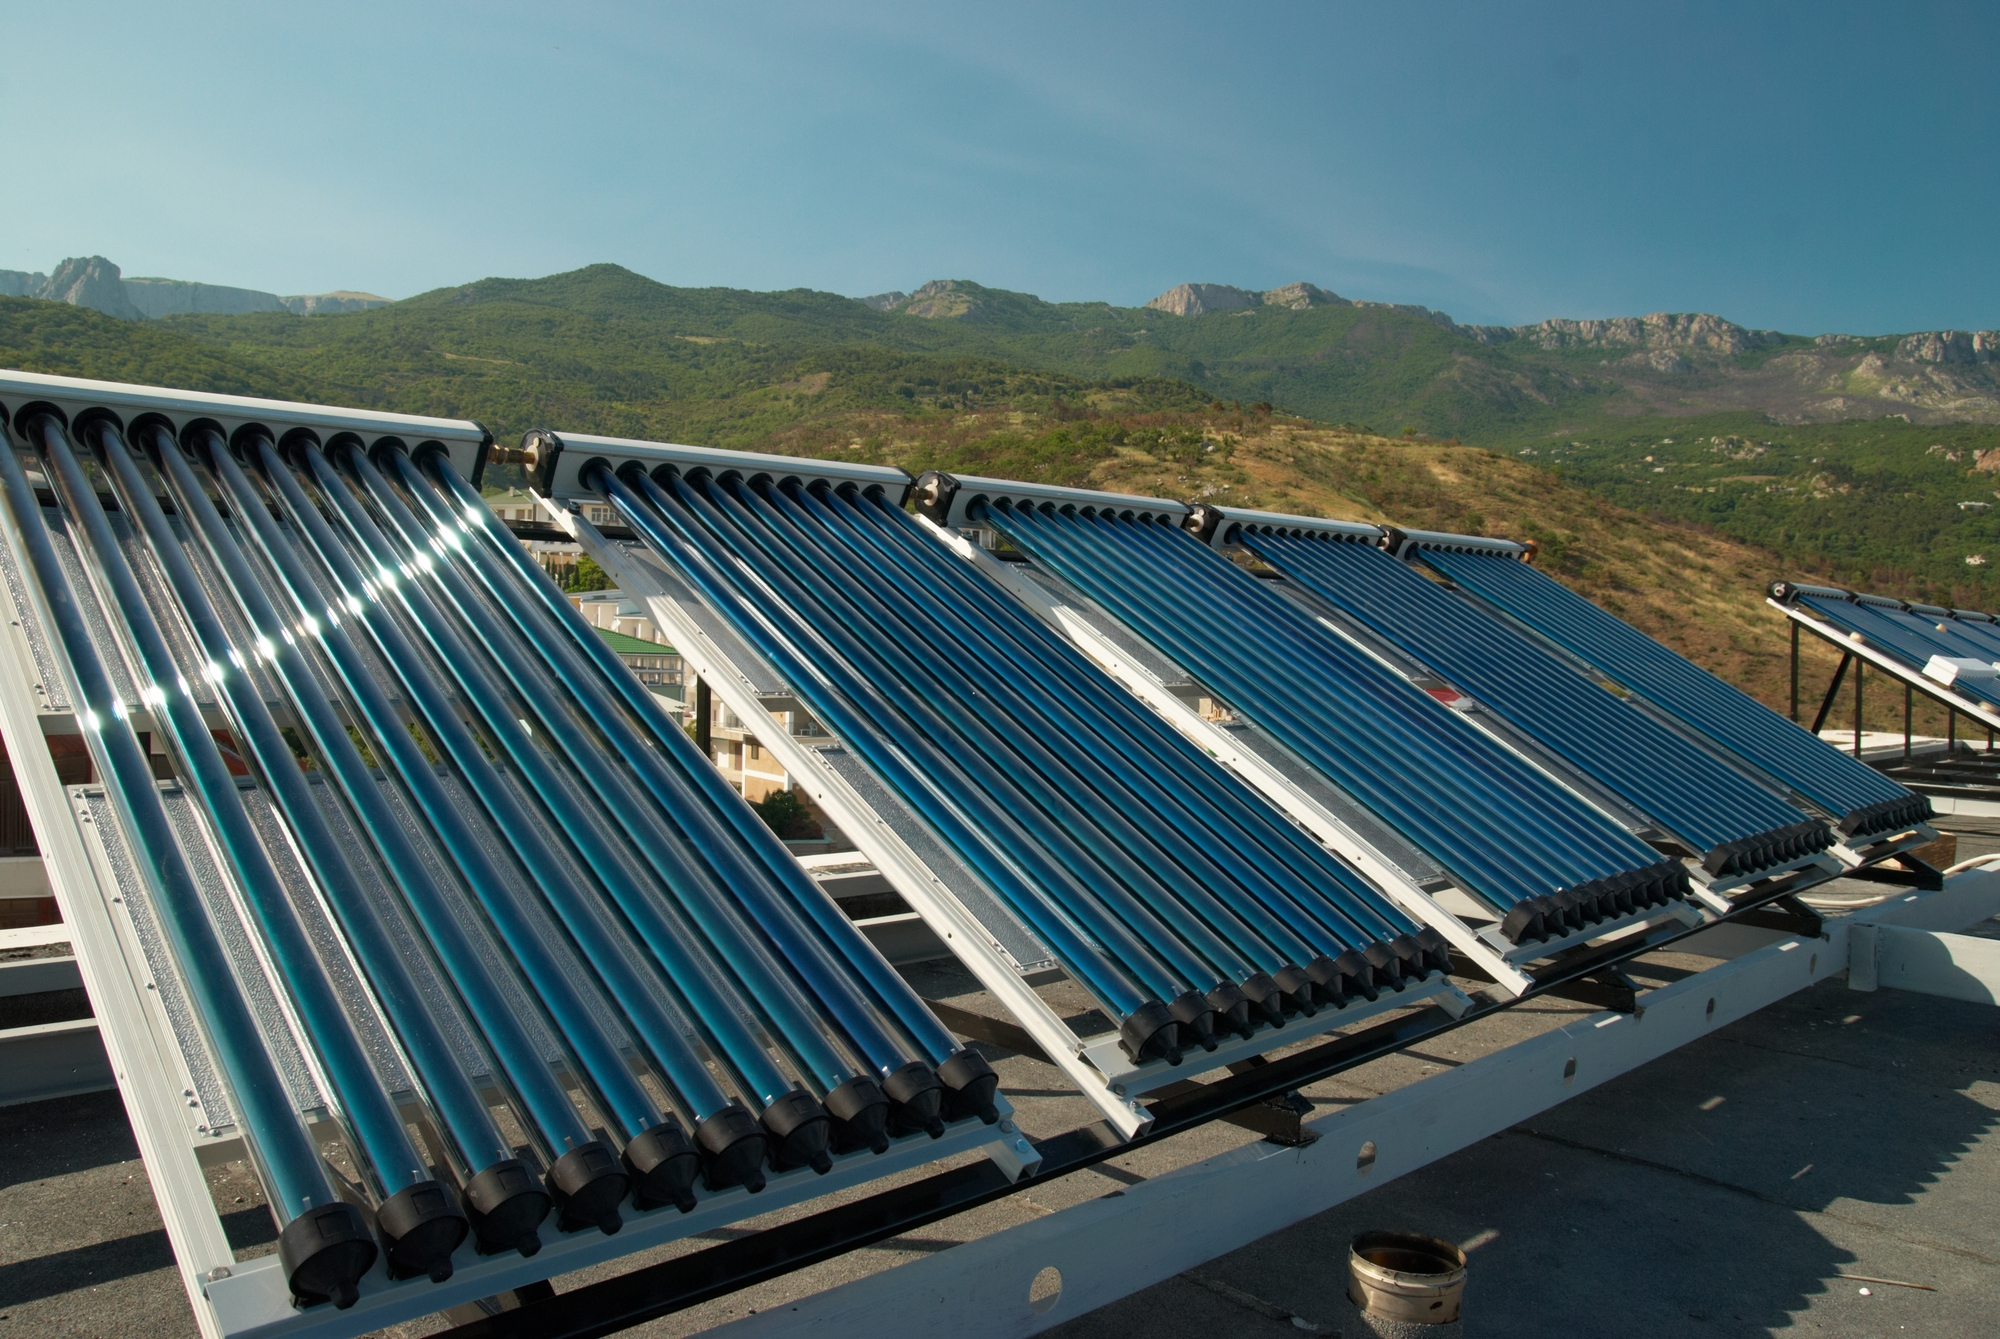 Трубчатые вакуумные солнечные коллекторы